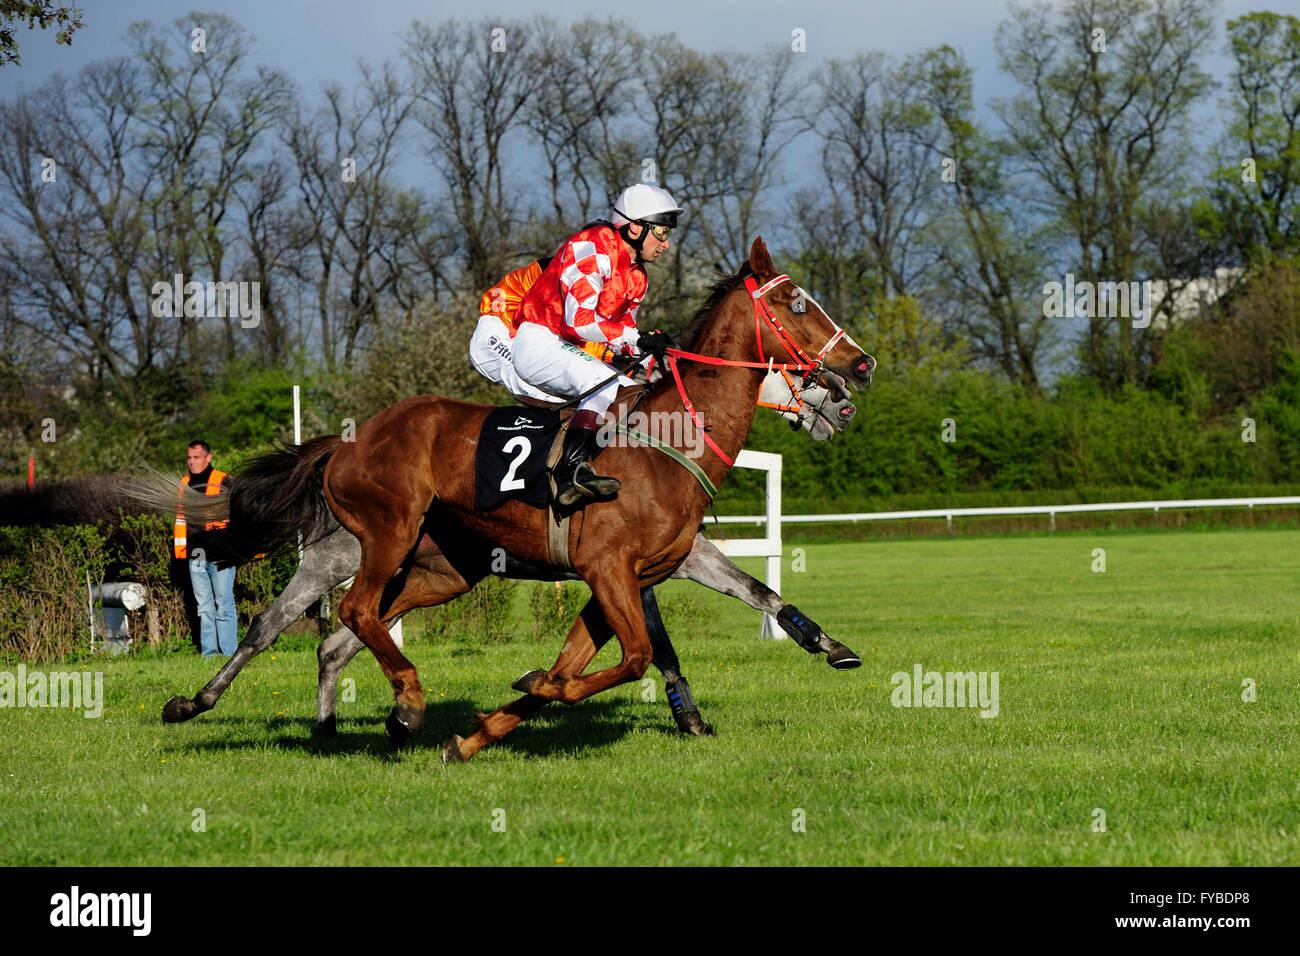 Gagner Salam, Salam à Rostislav Bens a donné que brièvement le chef de chevaux galopant dans un groupe Photo Stock